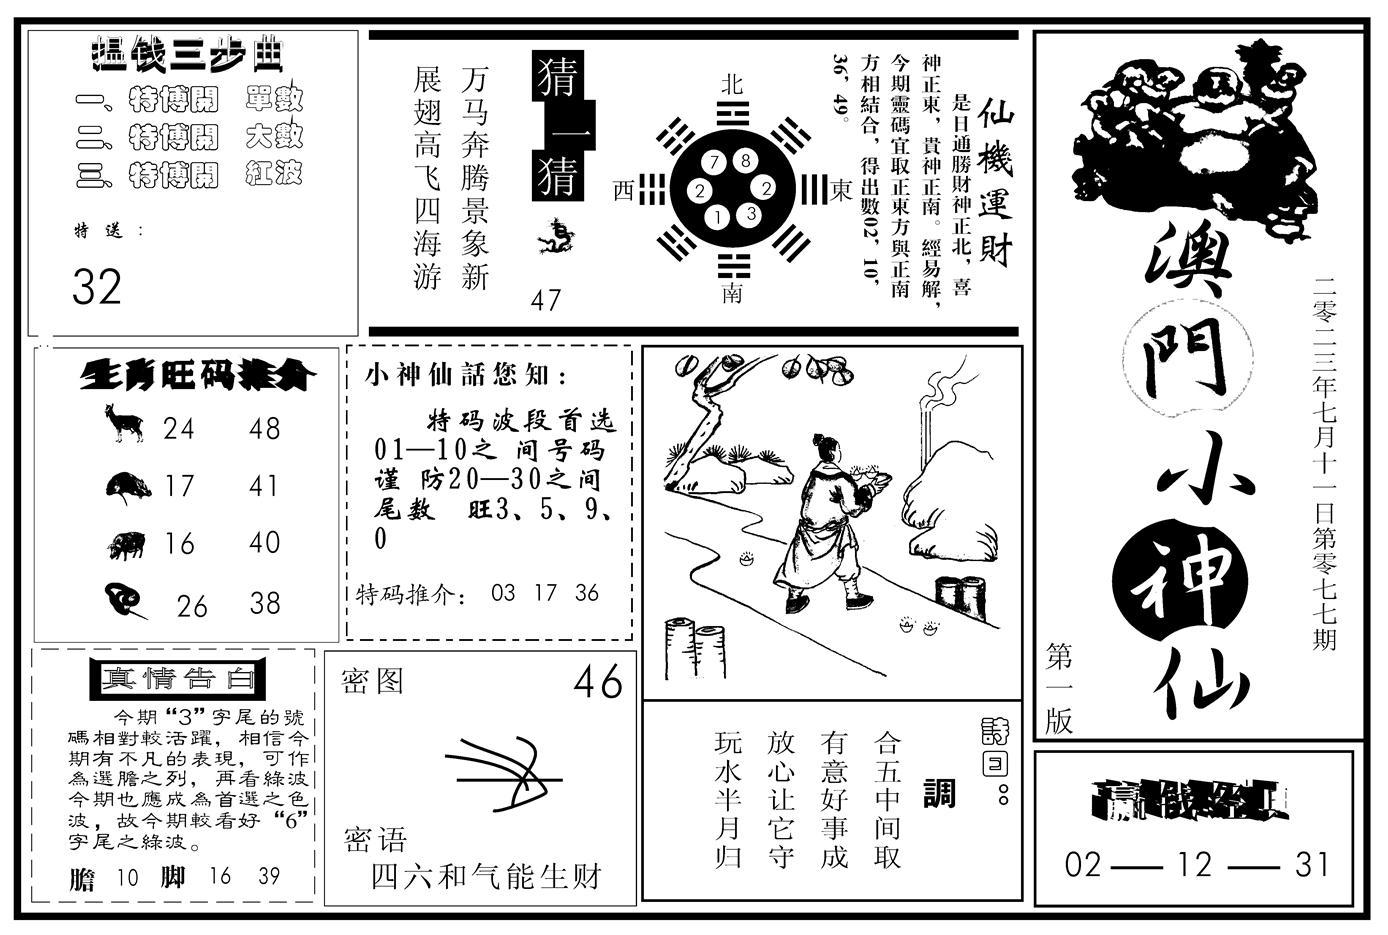 077期澳门小神仙A(黑白)